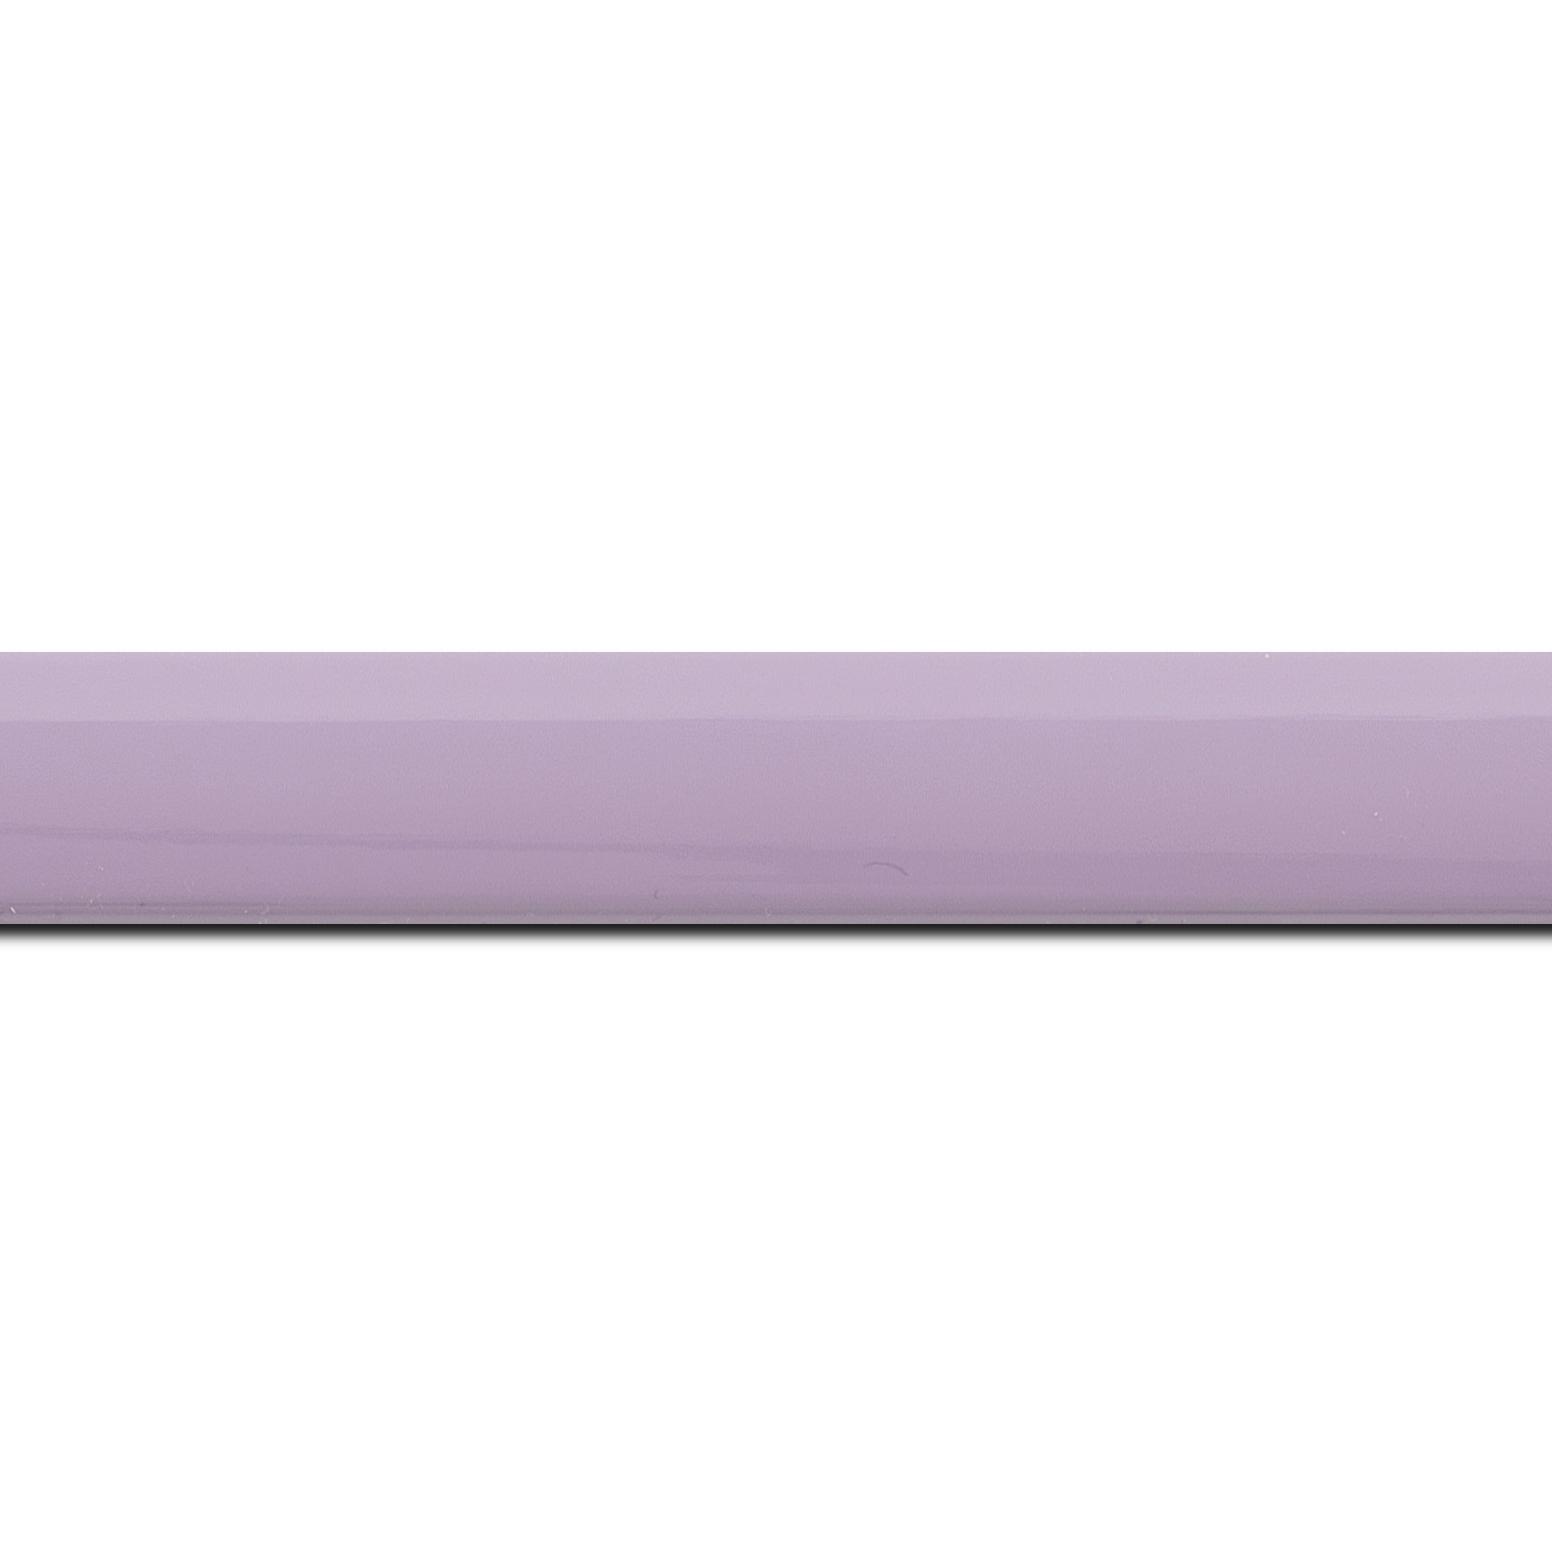 Baguette longueur 1.40m bois profil méplat largeur 2.3cm couleur violine laqué